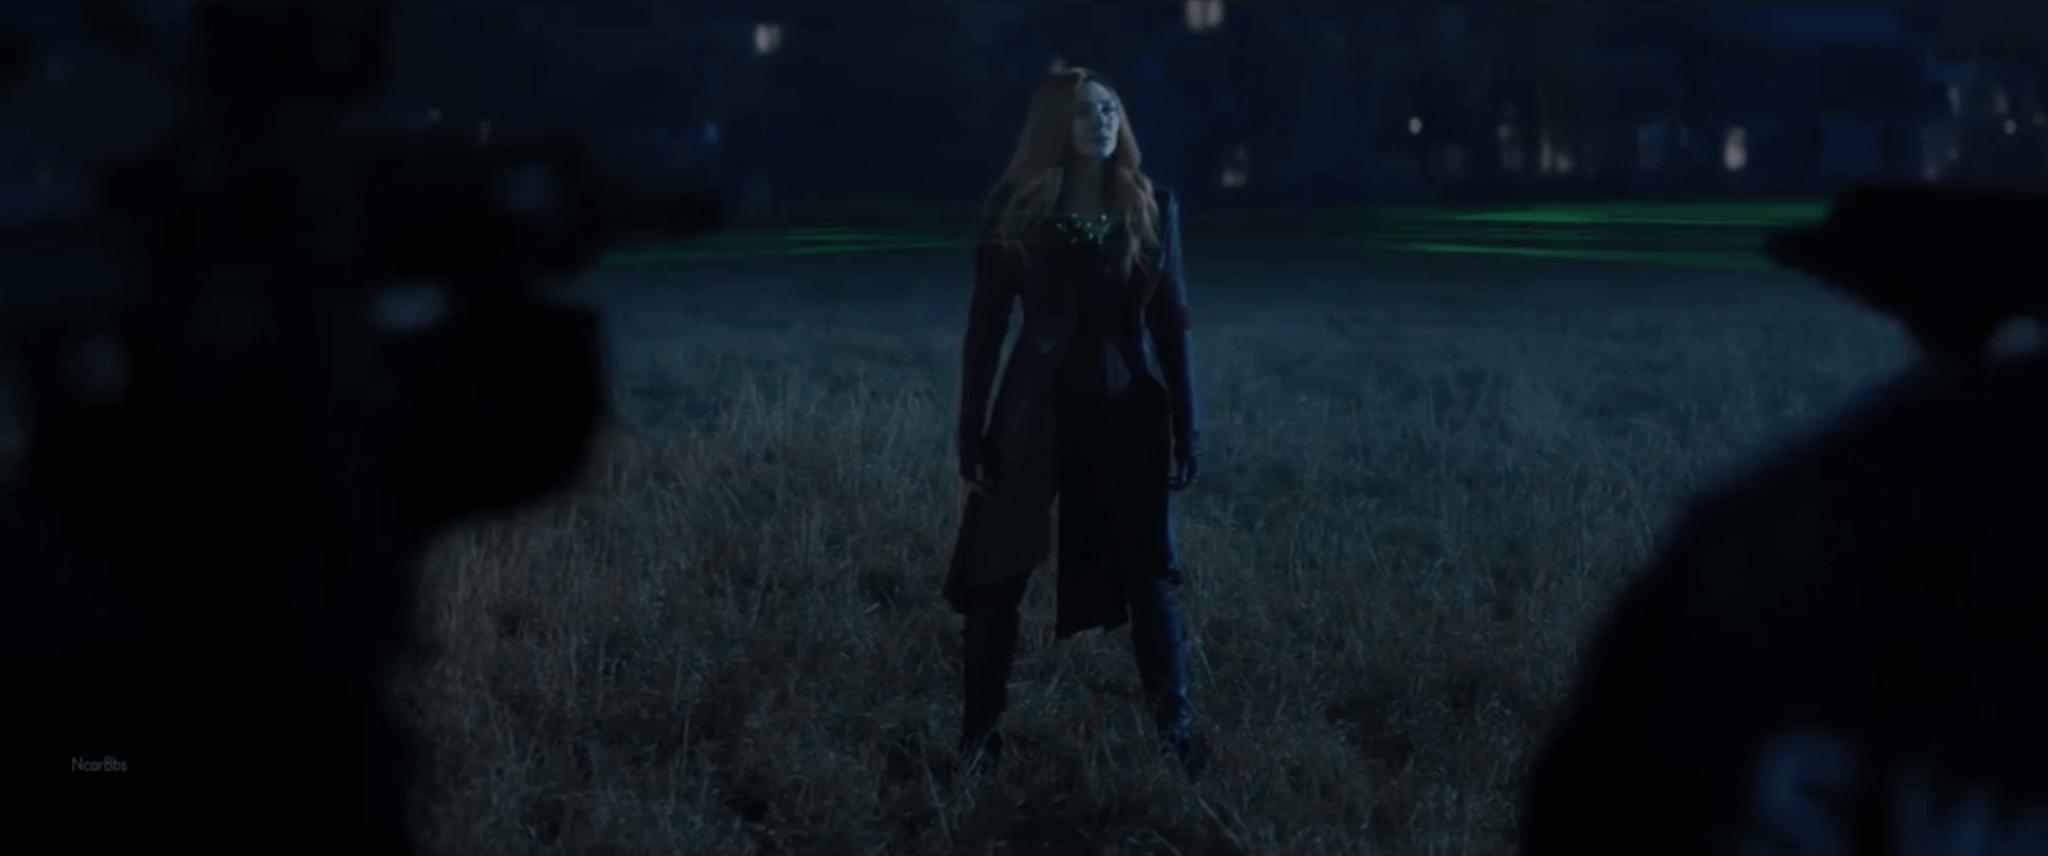 劇中每當Wanda離開「小鎮」時,穿過力場便會變回緋紅女巫的經典造型——紅色長皮褸襯黑色skinny jeans加長boots。